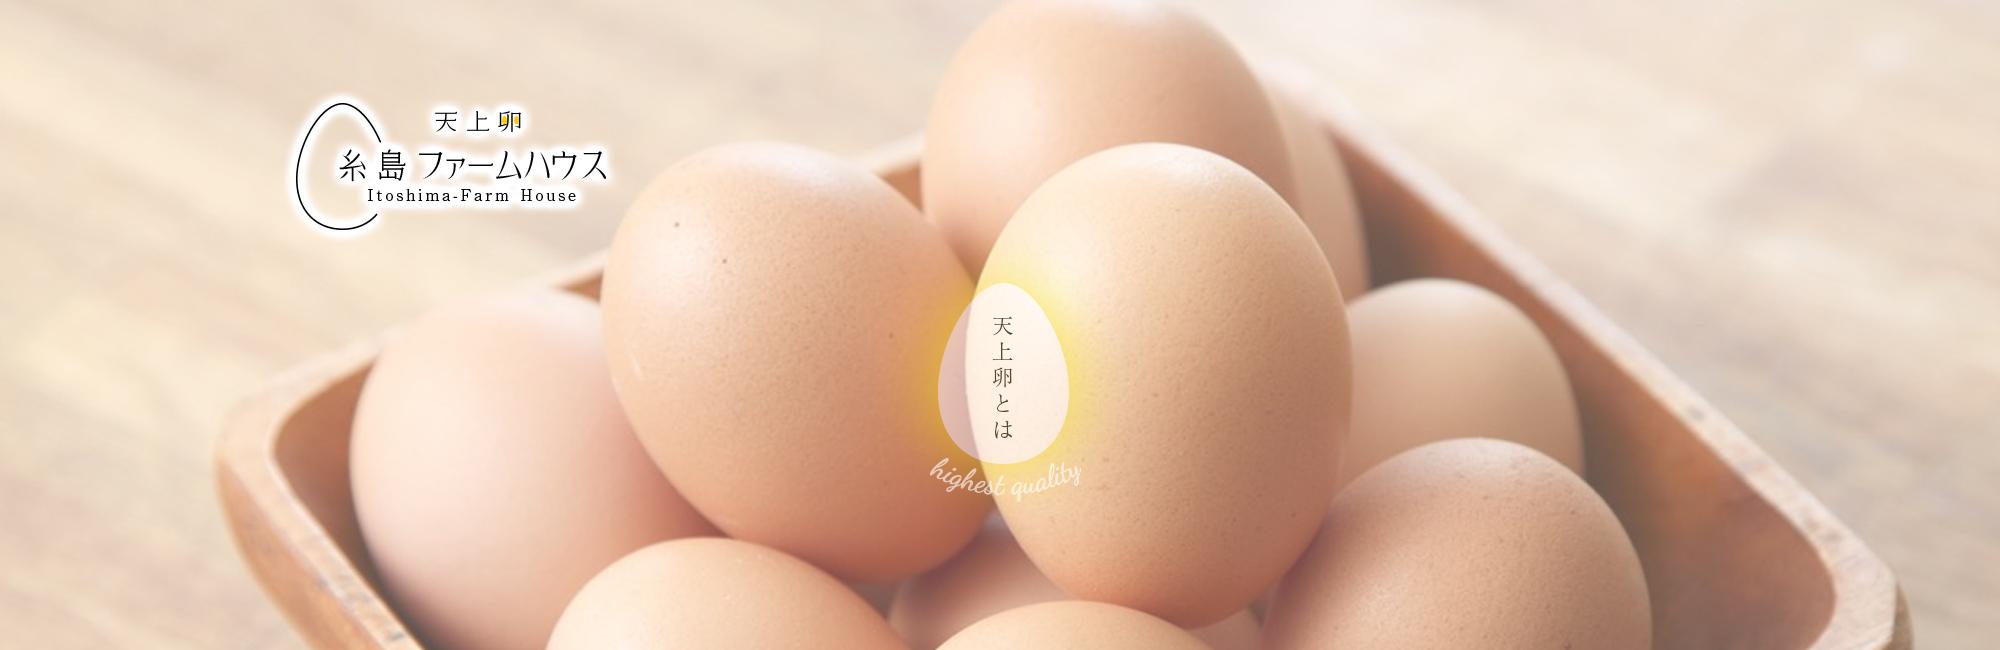 天上卵とは